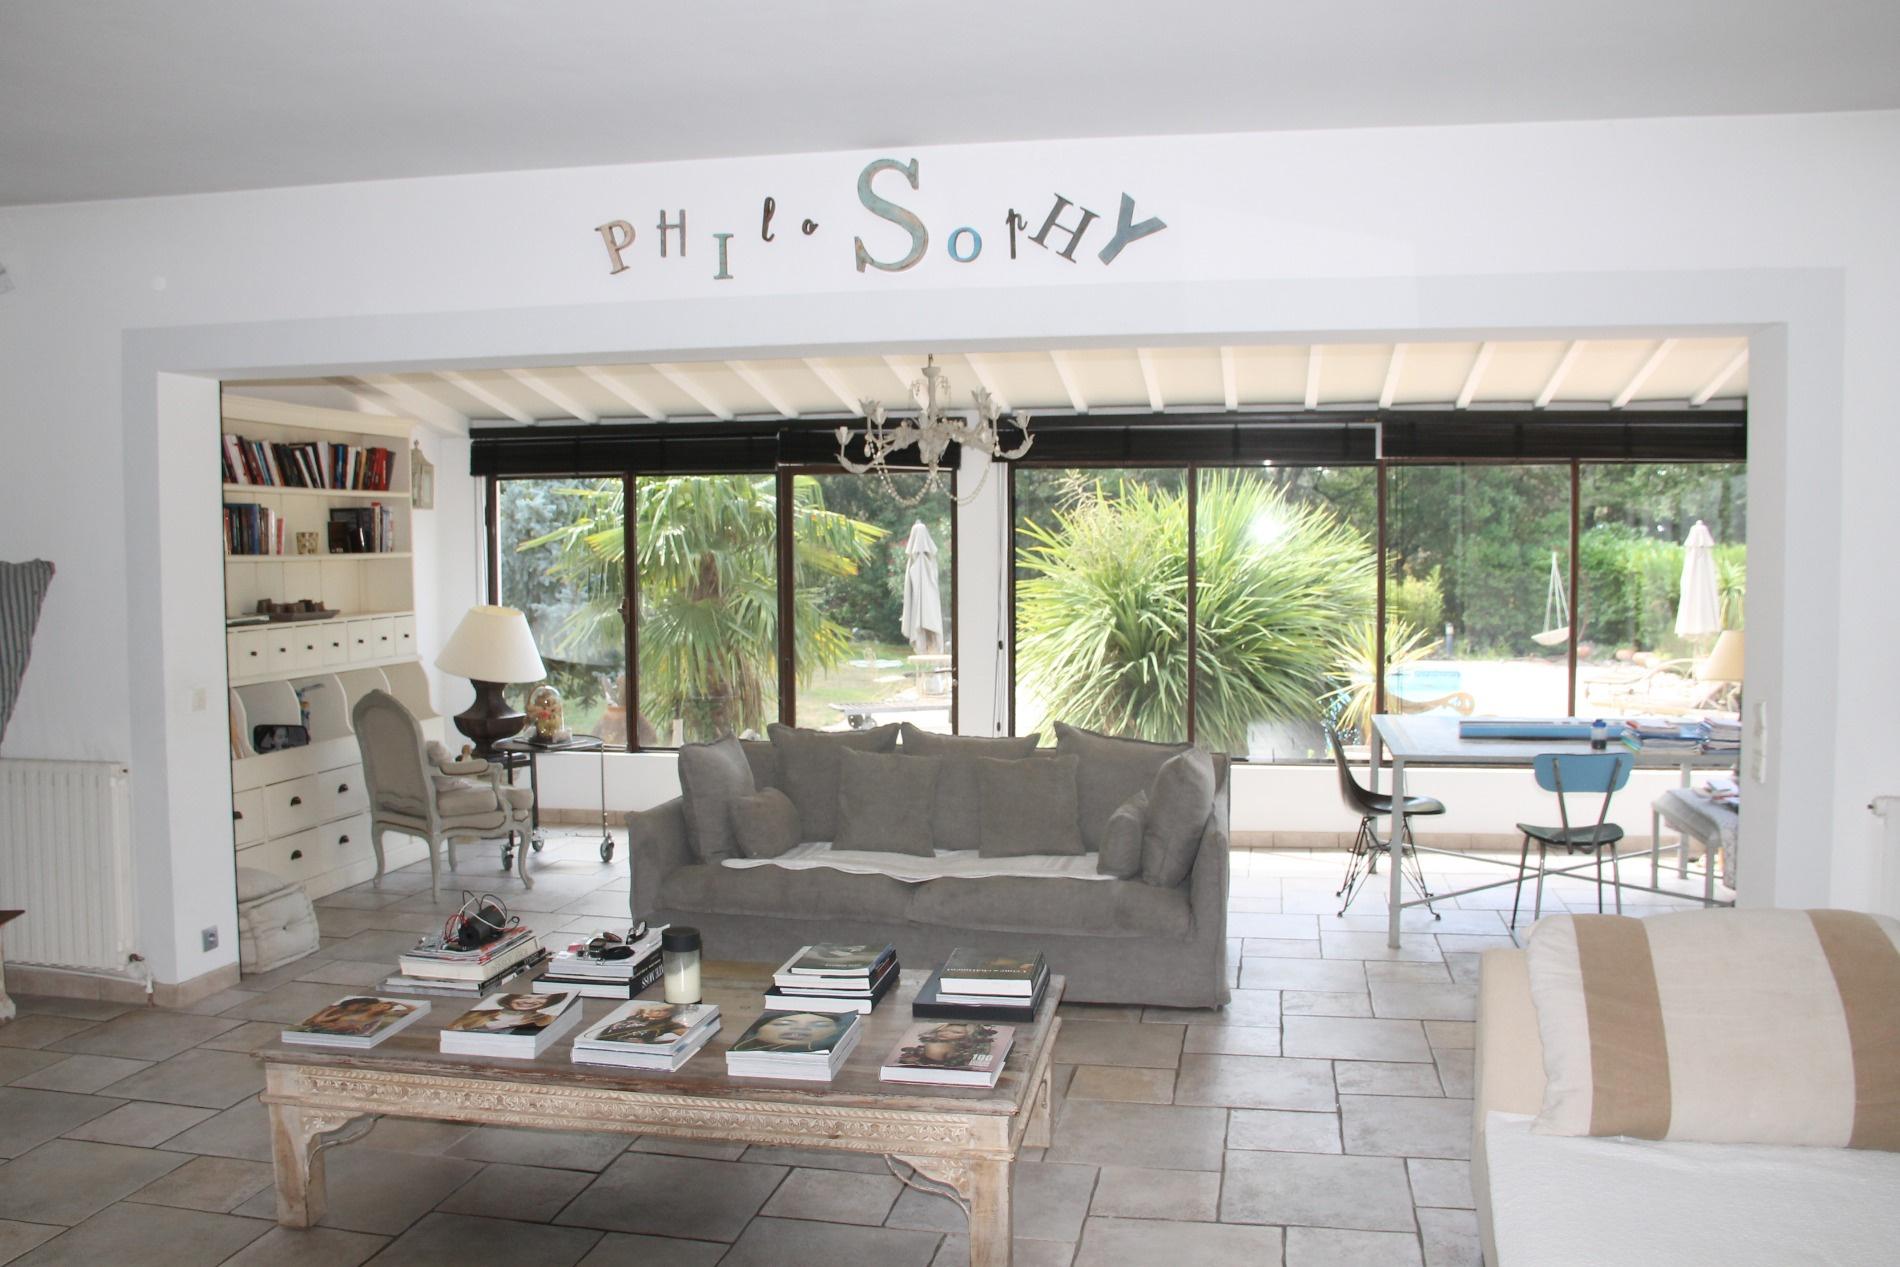 Vente aix en provence sud propri t de 270 m habitable for Acheter une maison a aix en provence